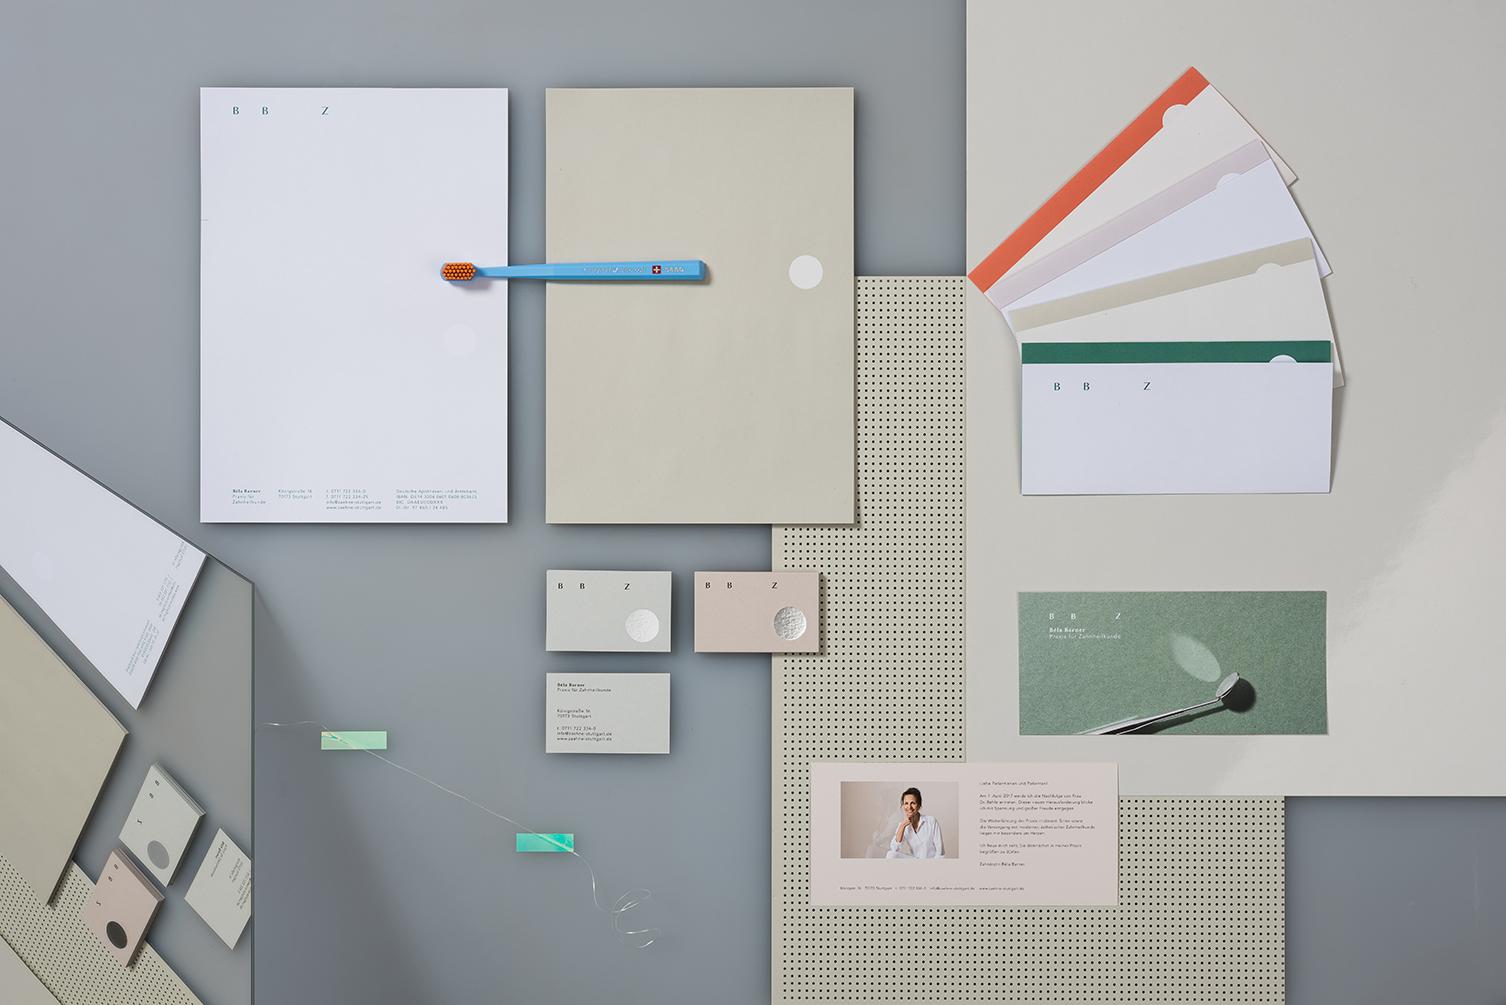 Zahnarzt, Stuttgart, Corporate Design, Spiegel, Geschäftsausstattung